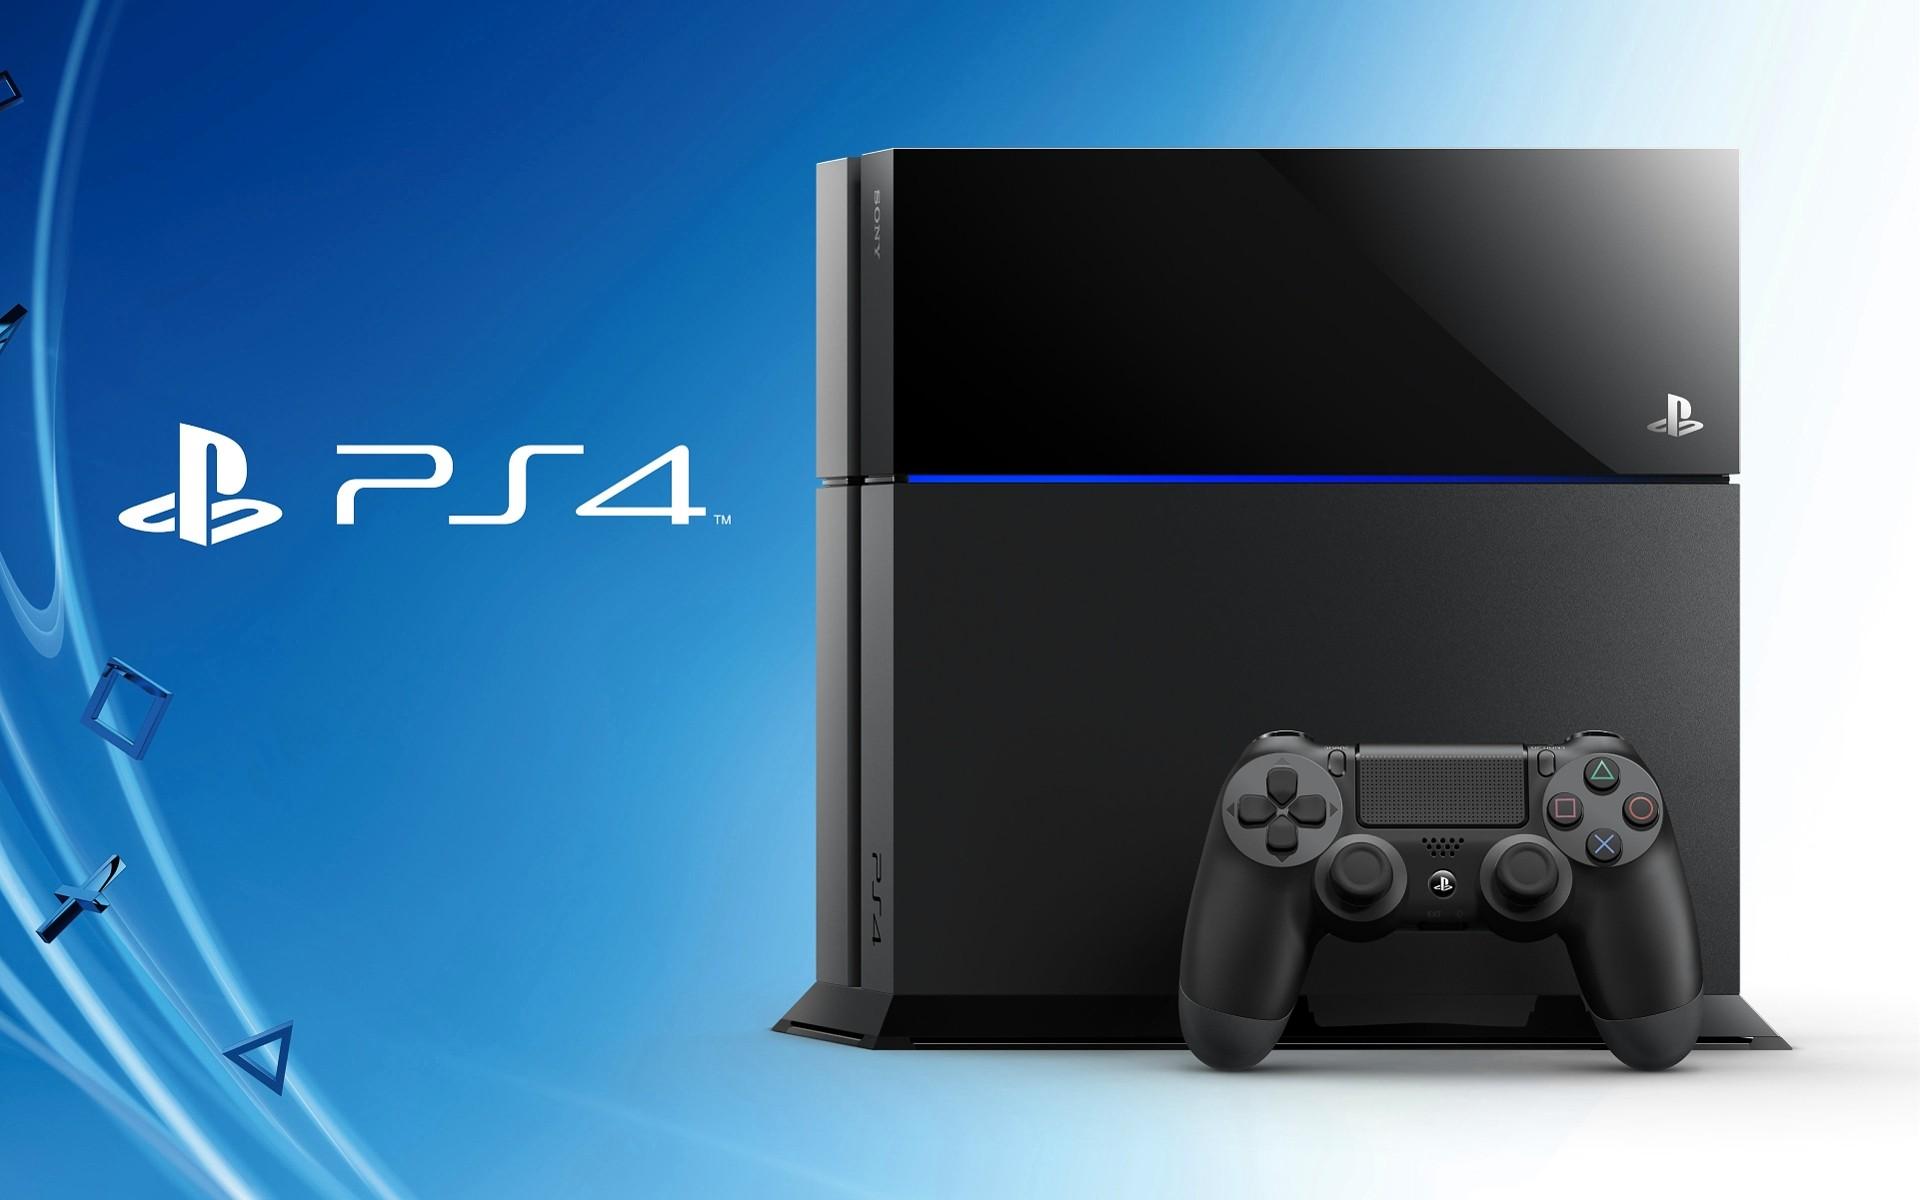 Sony Playstation 4-երն ունեն գործարանային անսարքություն